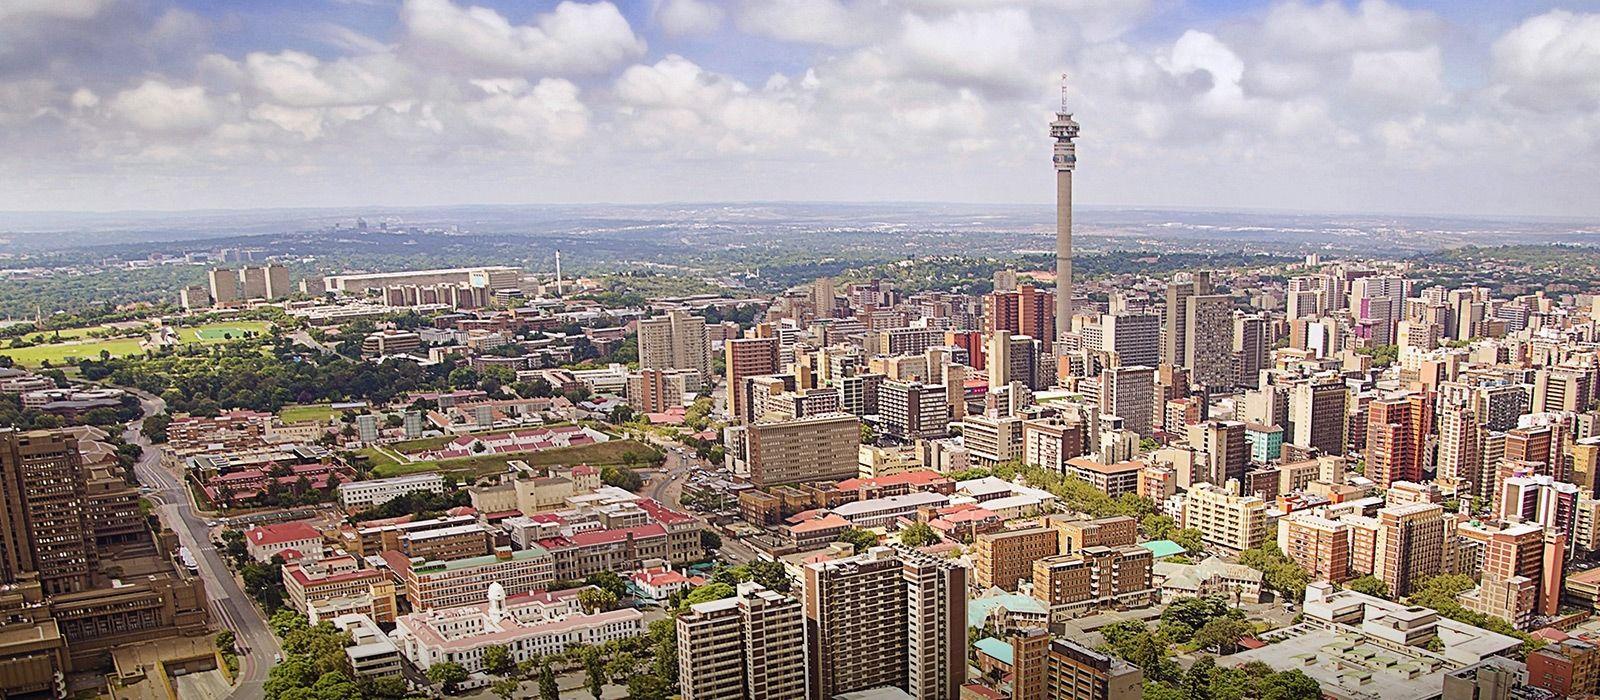 Große Rundreise im südlichen Afrika Urlaub 9